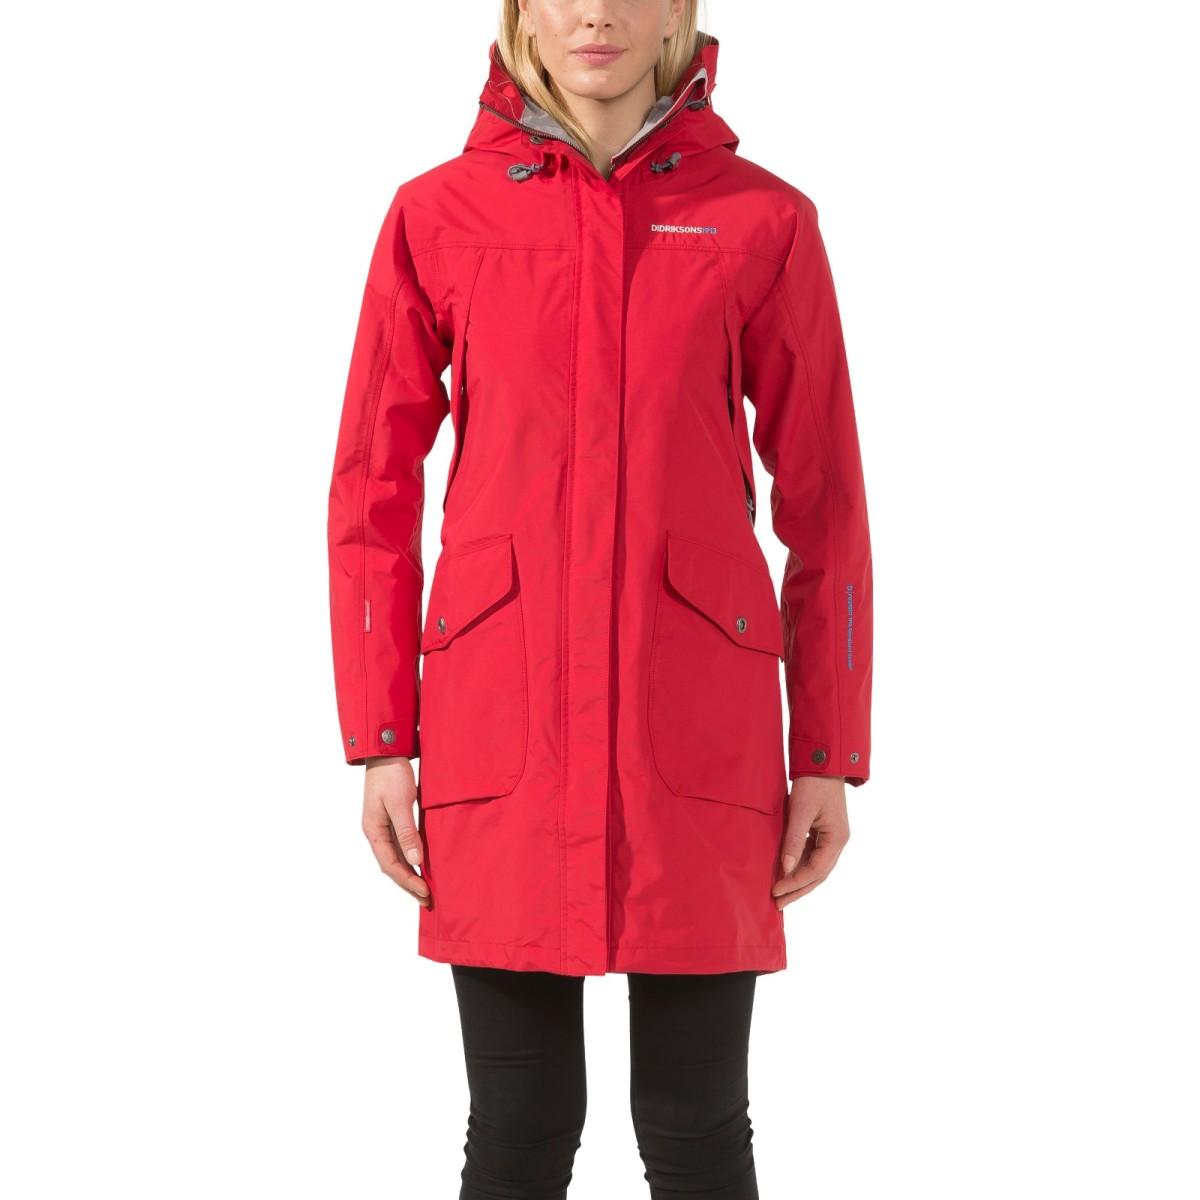 Röd fin vatten- och vindskyddad Thelma jacka